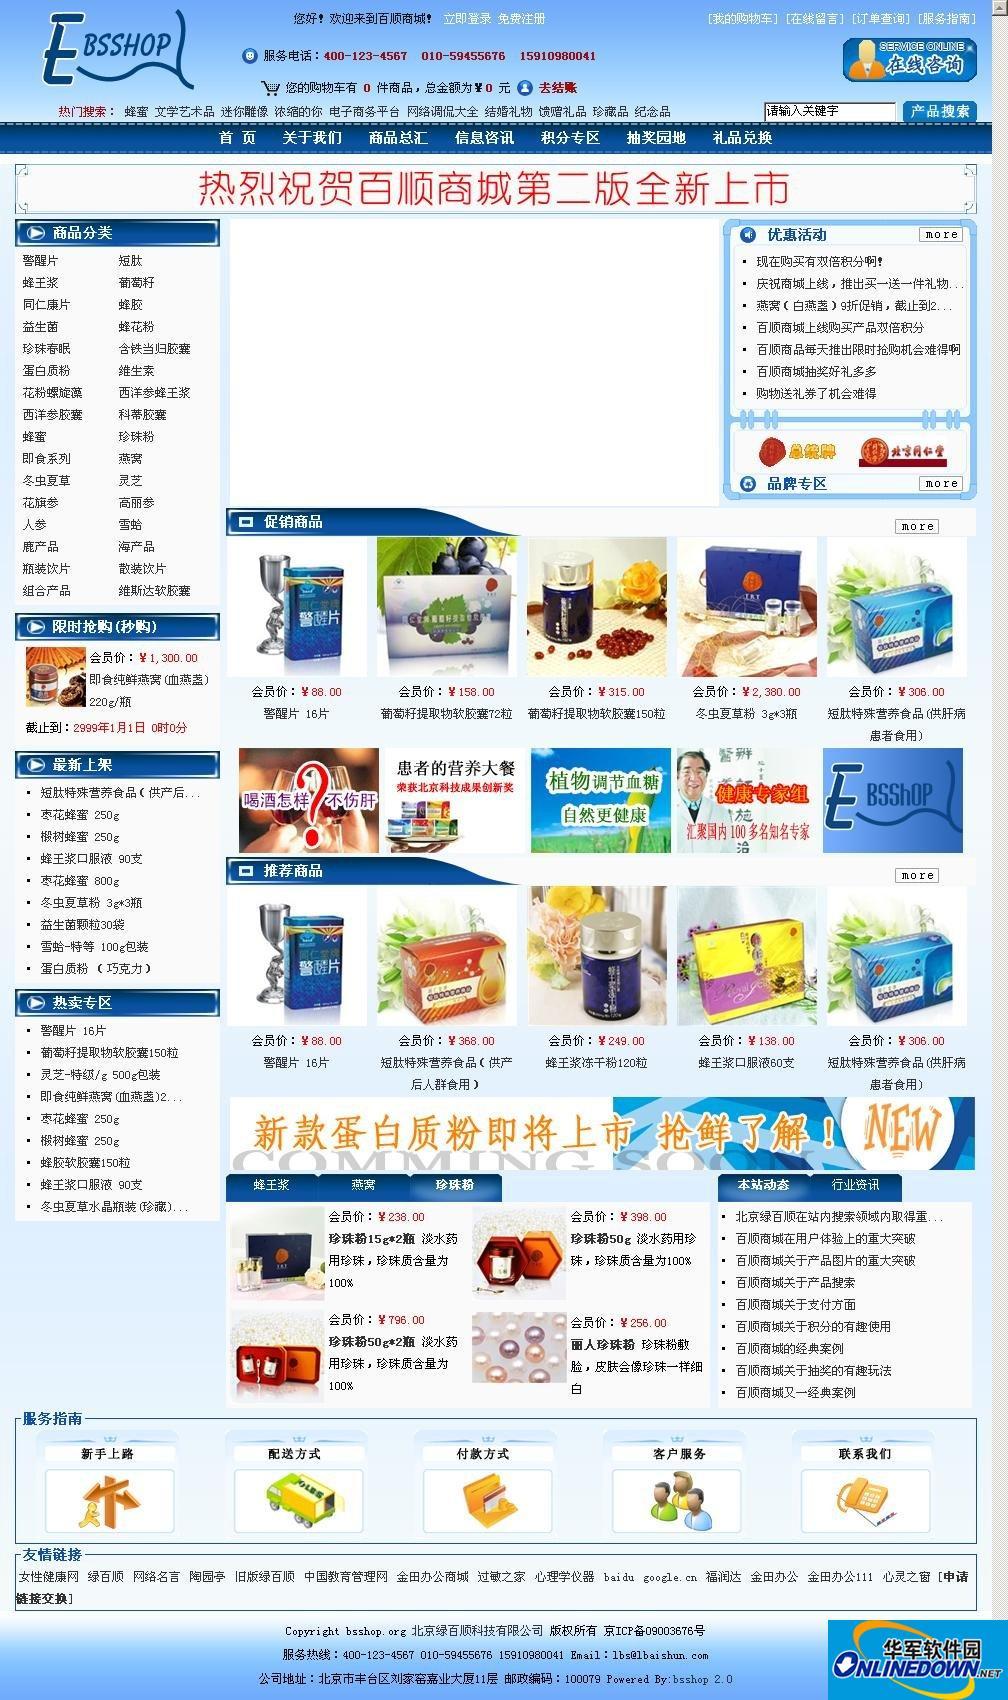 电子商务平台--百顺商城BSShop 2.0 标准版